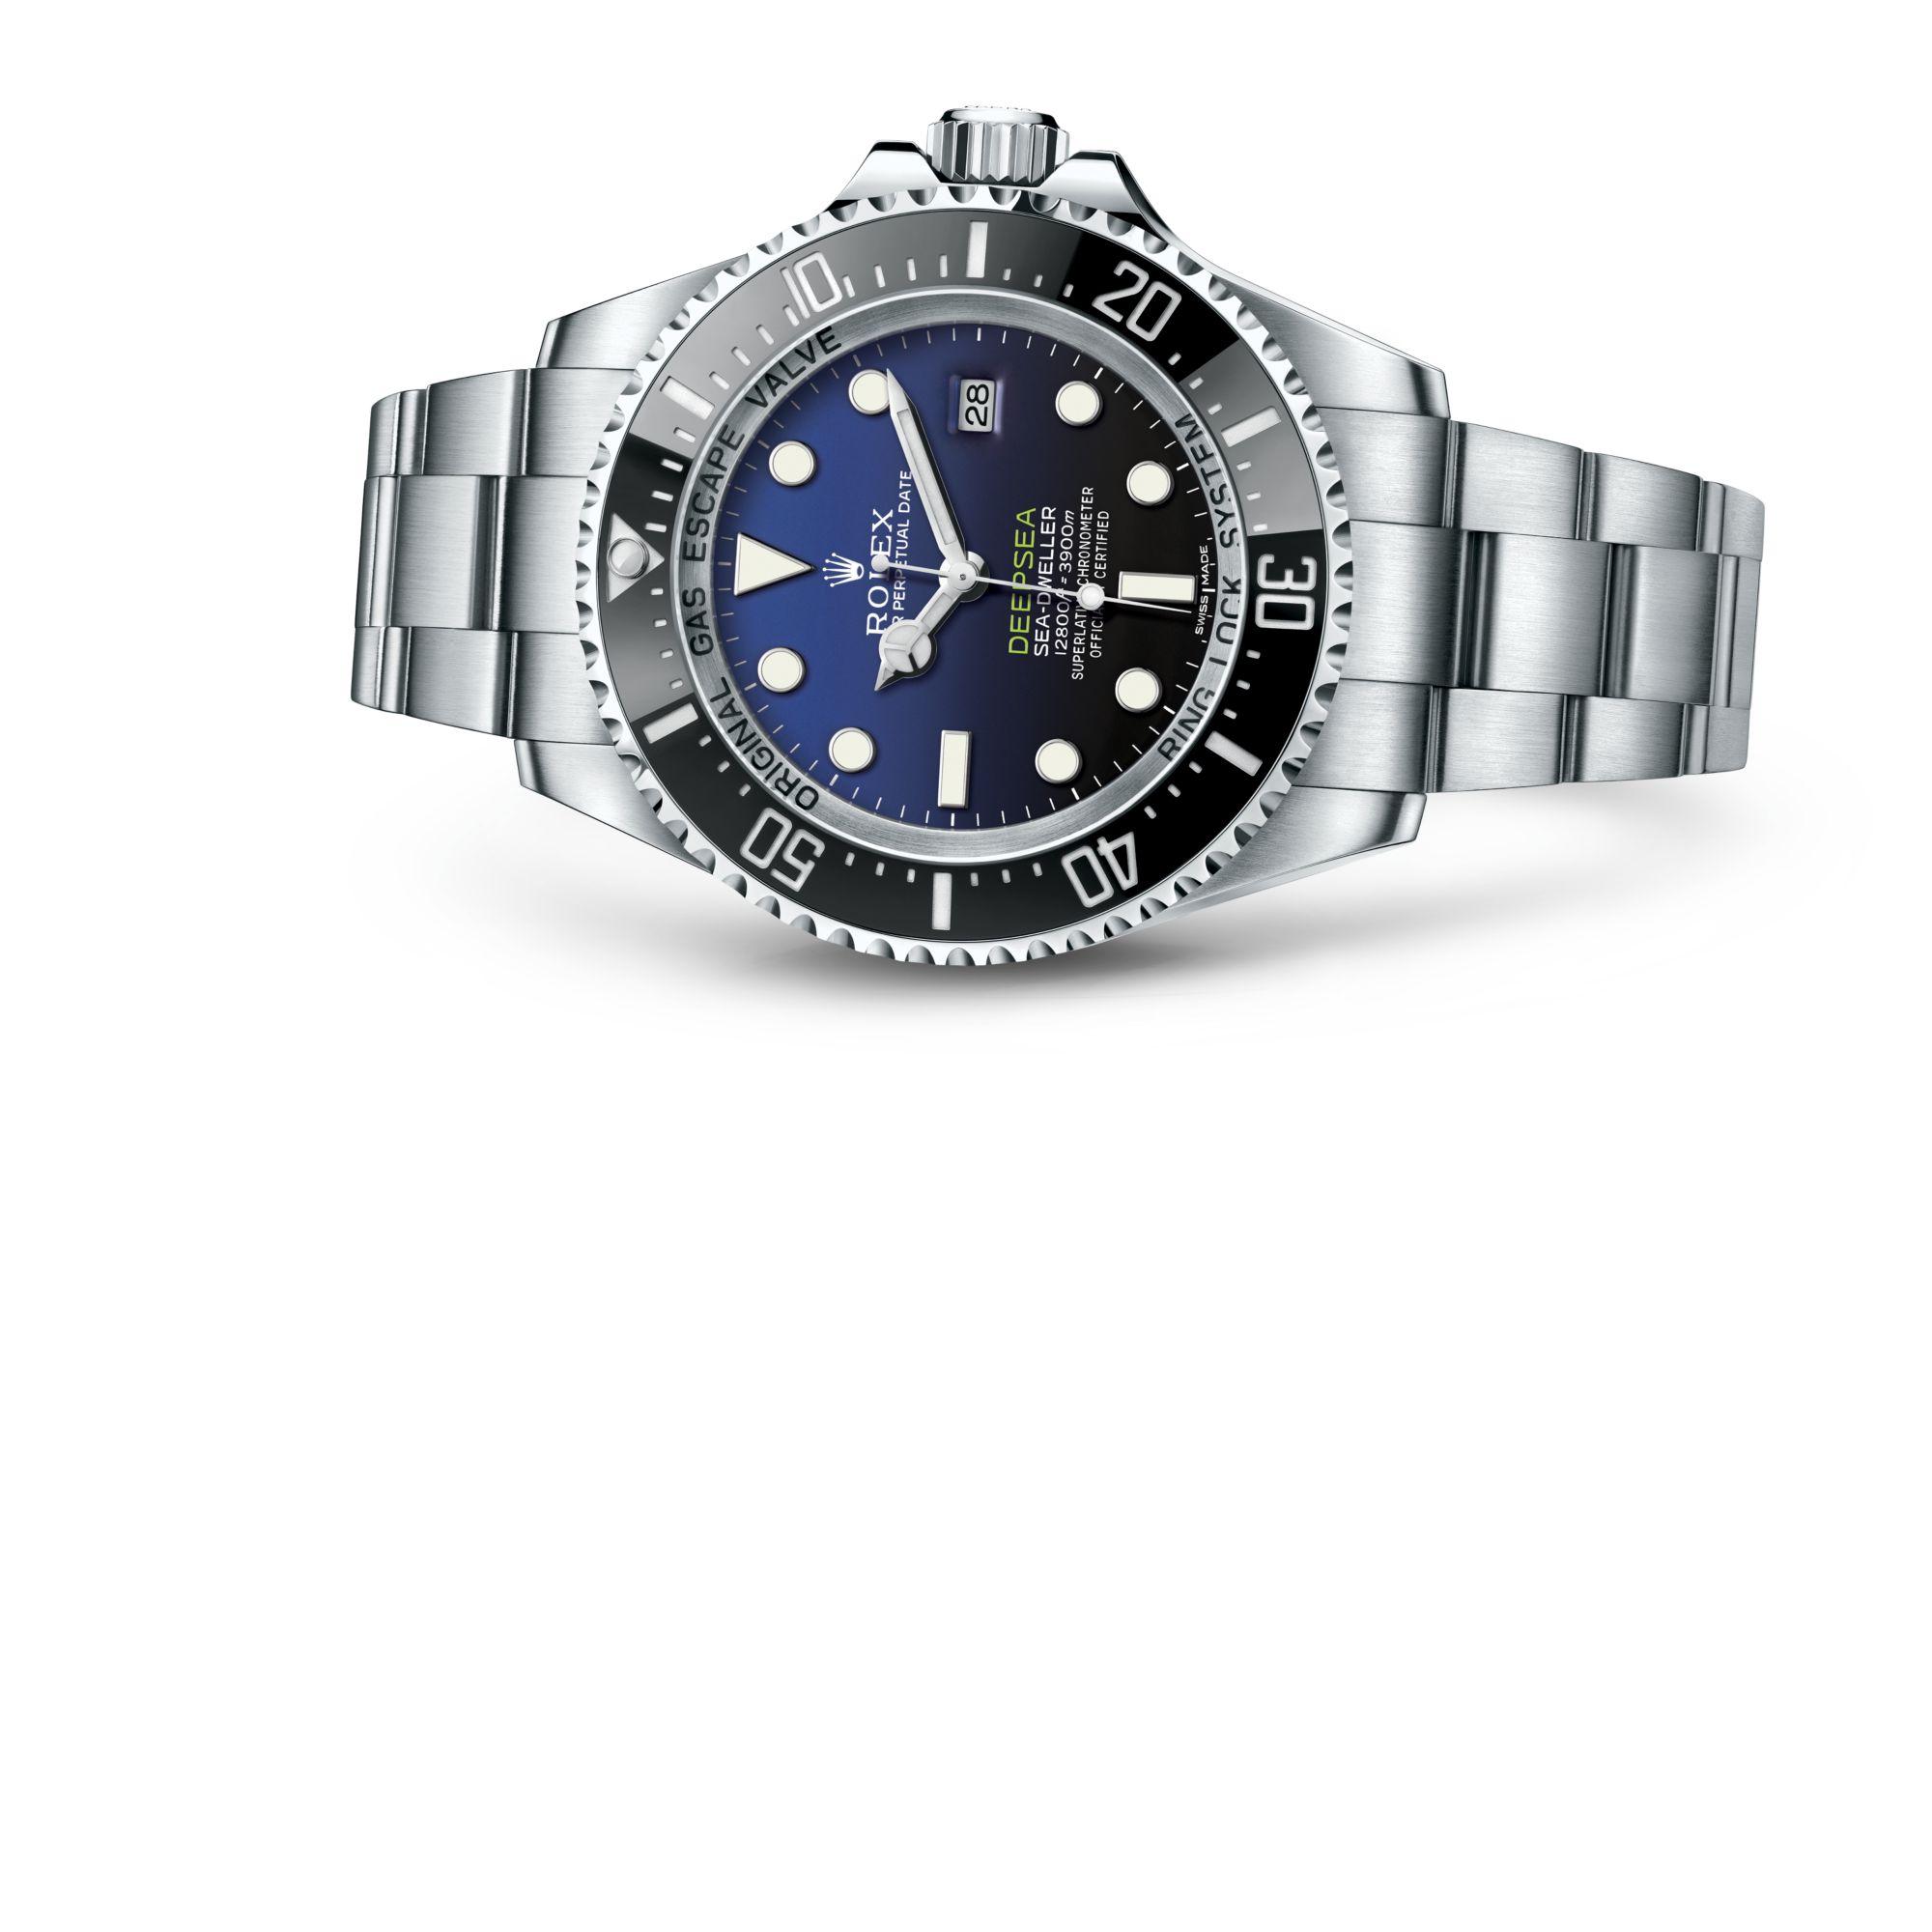 Rolex Rolex Deepsea com mostrador D-blue M116660-0003